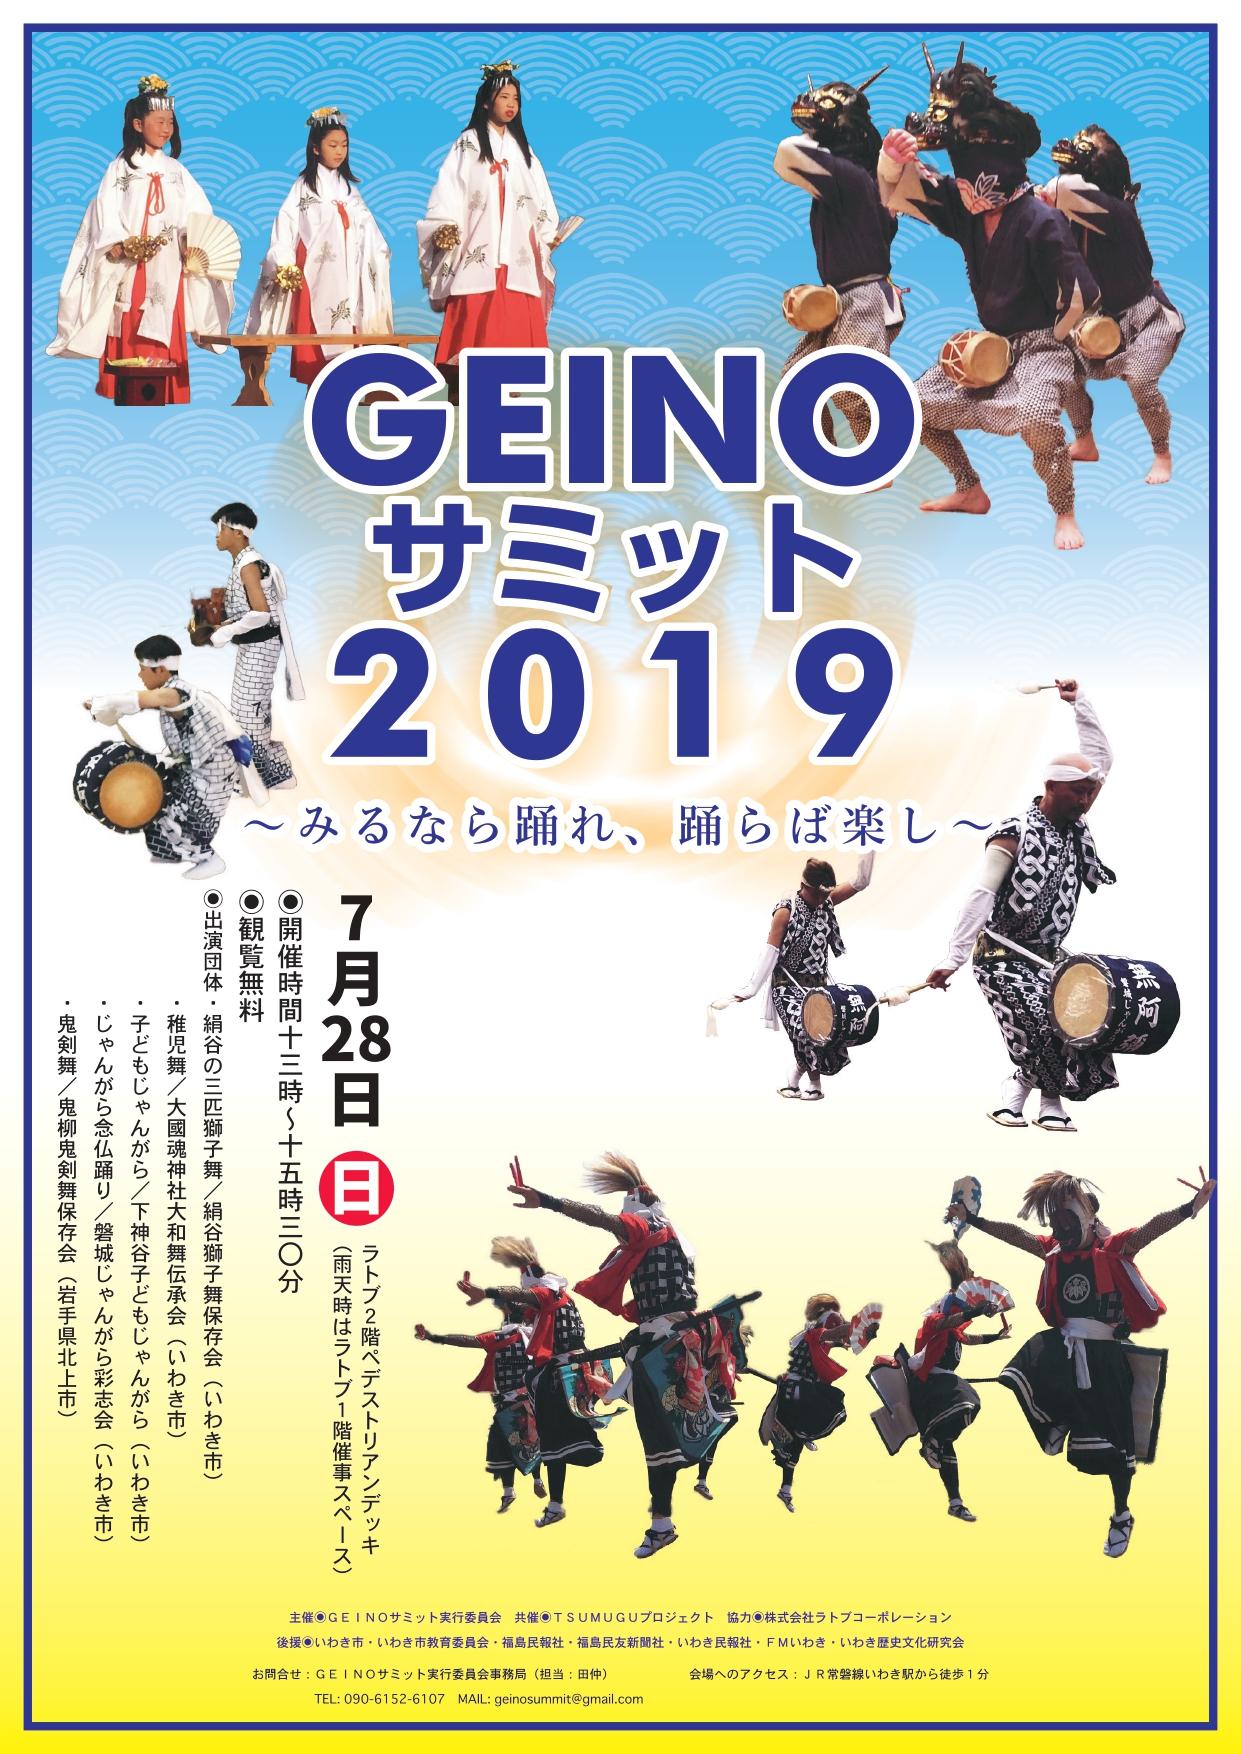 GEINOサミット2019~みるなら踊れ、踊らば楽し~【7月28日開催】